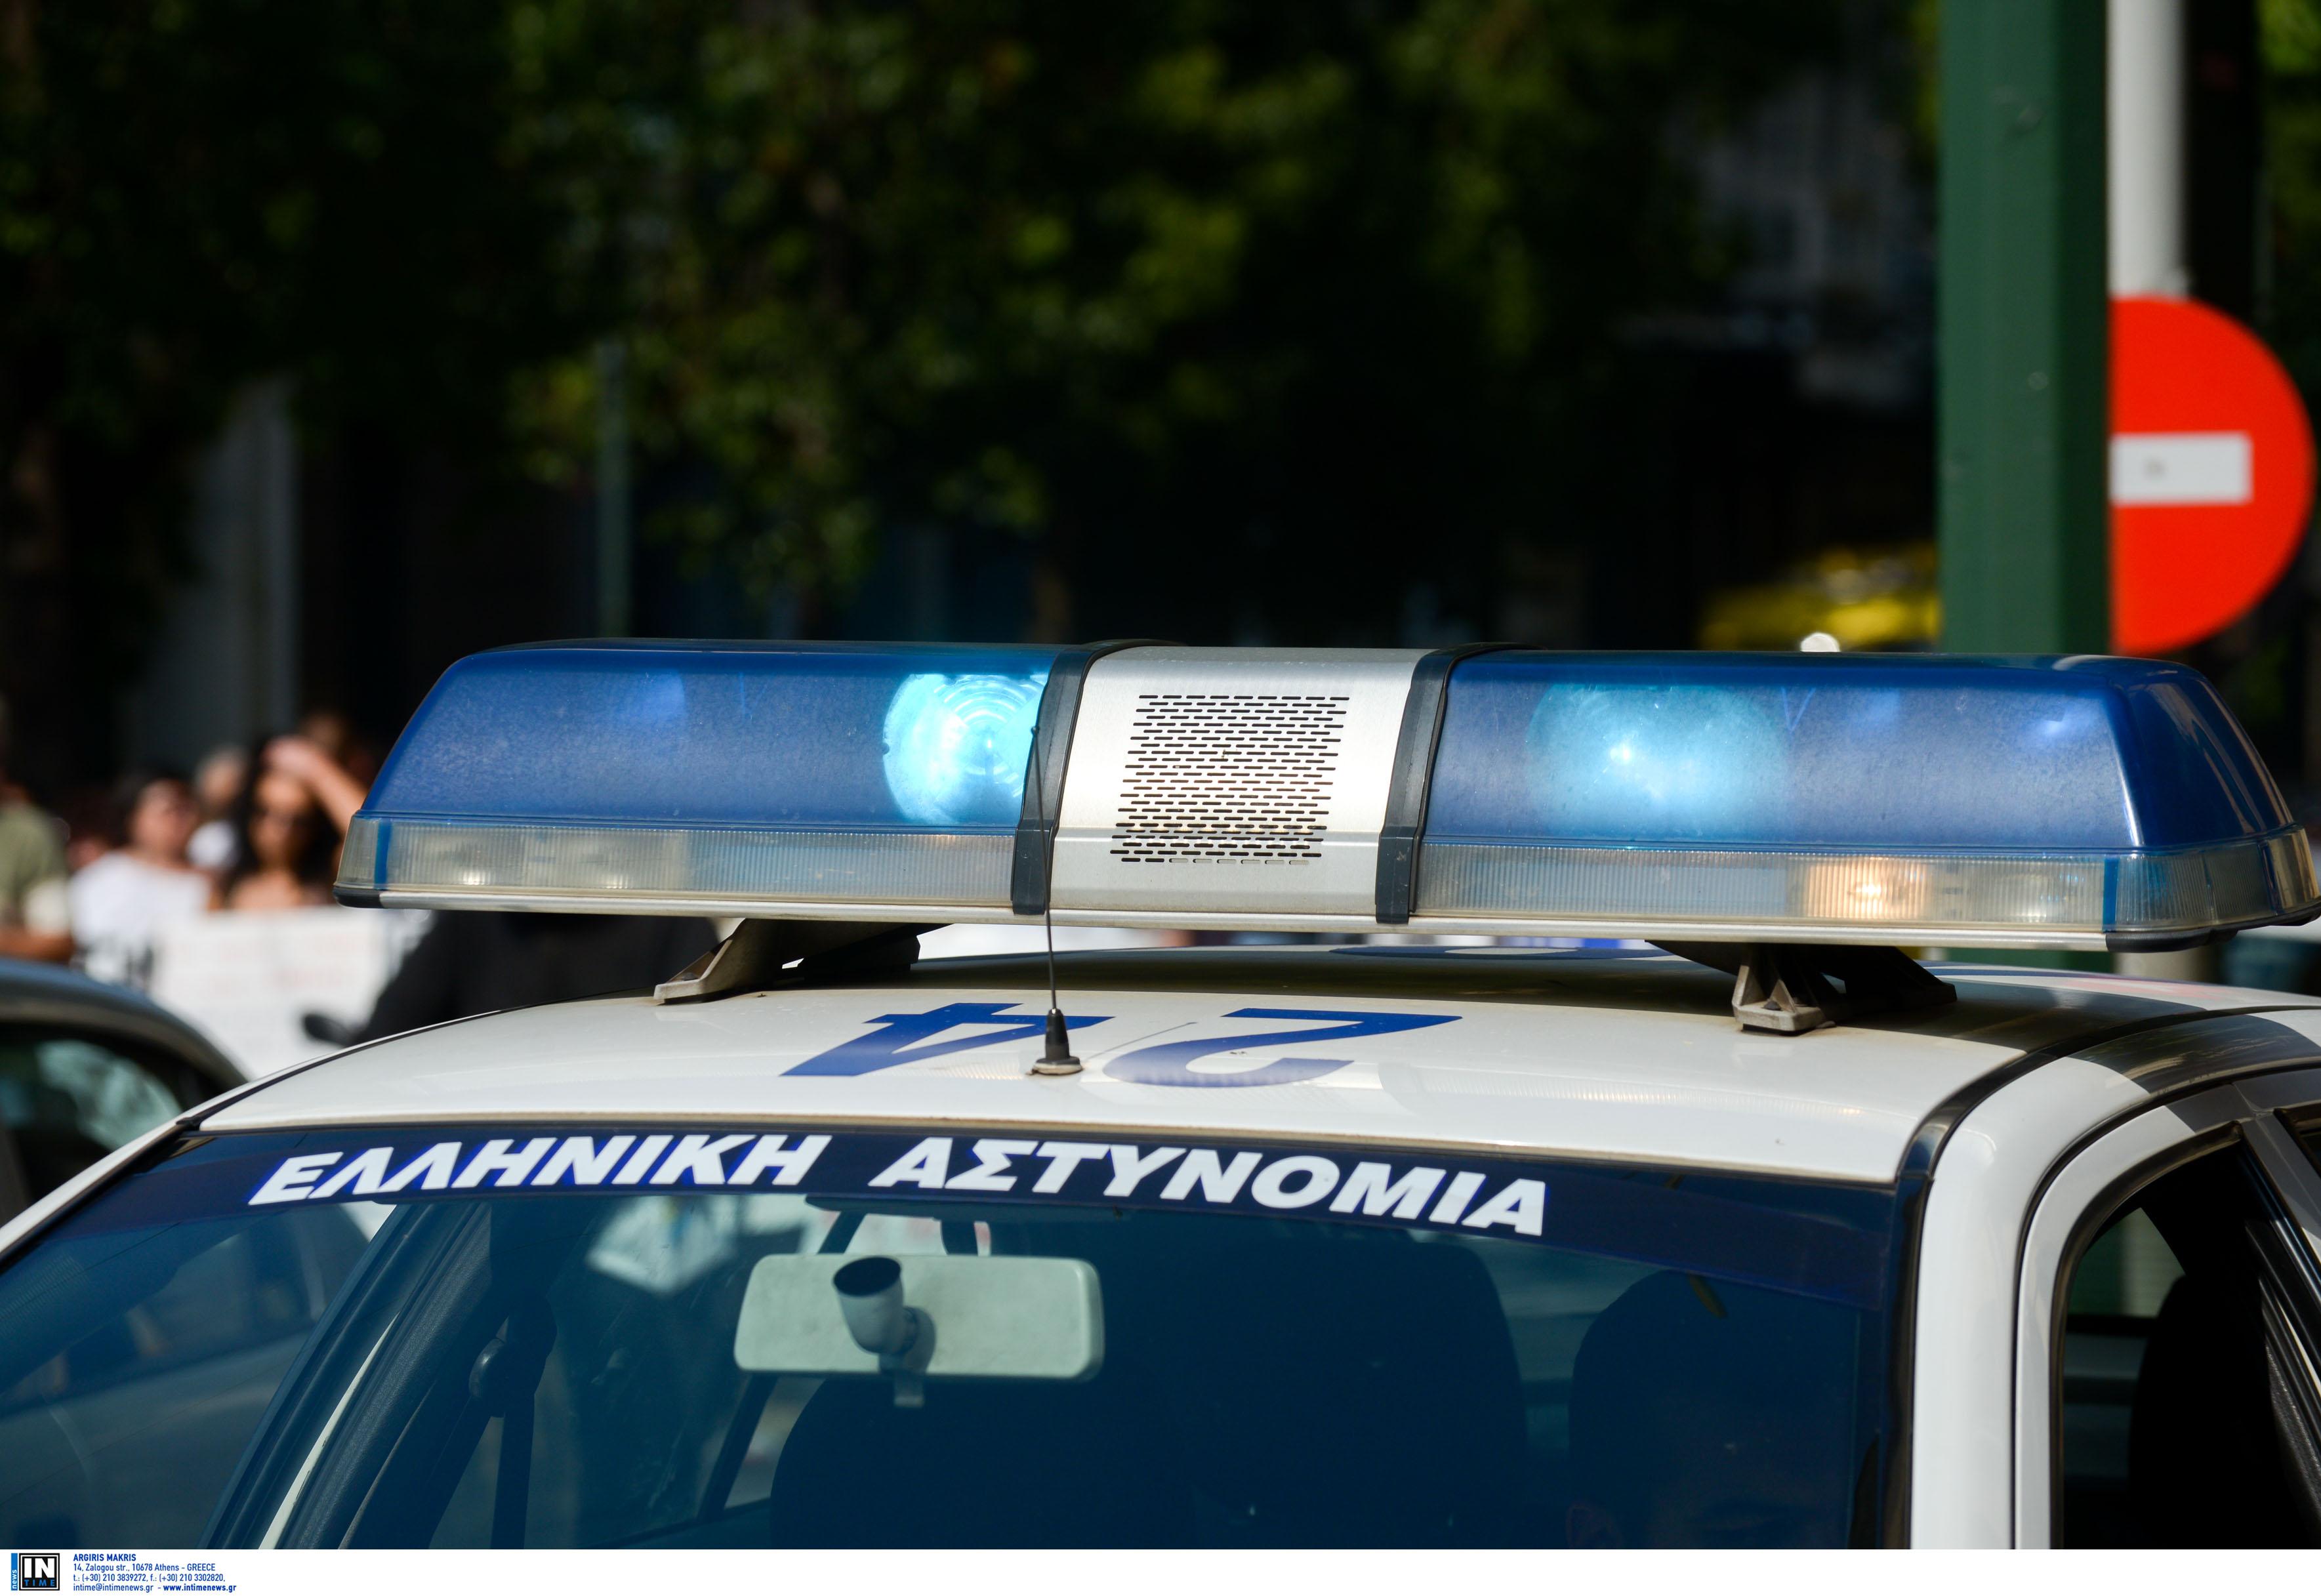 """Ηγουμενίτσα: Ο σκύλος """"ξετρύπωσε"""" δέκα κιλά ναρκωτικά από το σασί του αυτοκινήτου"""